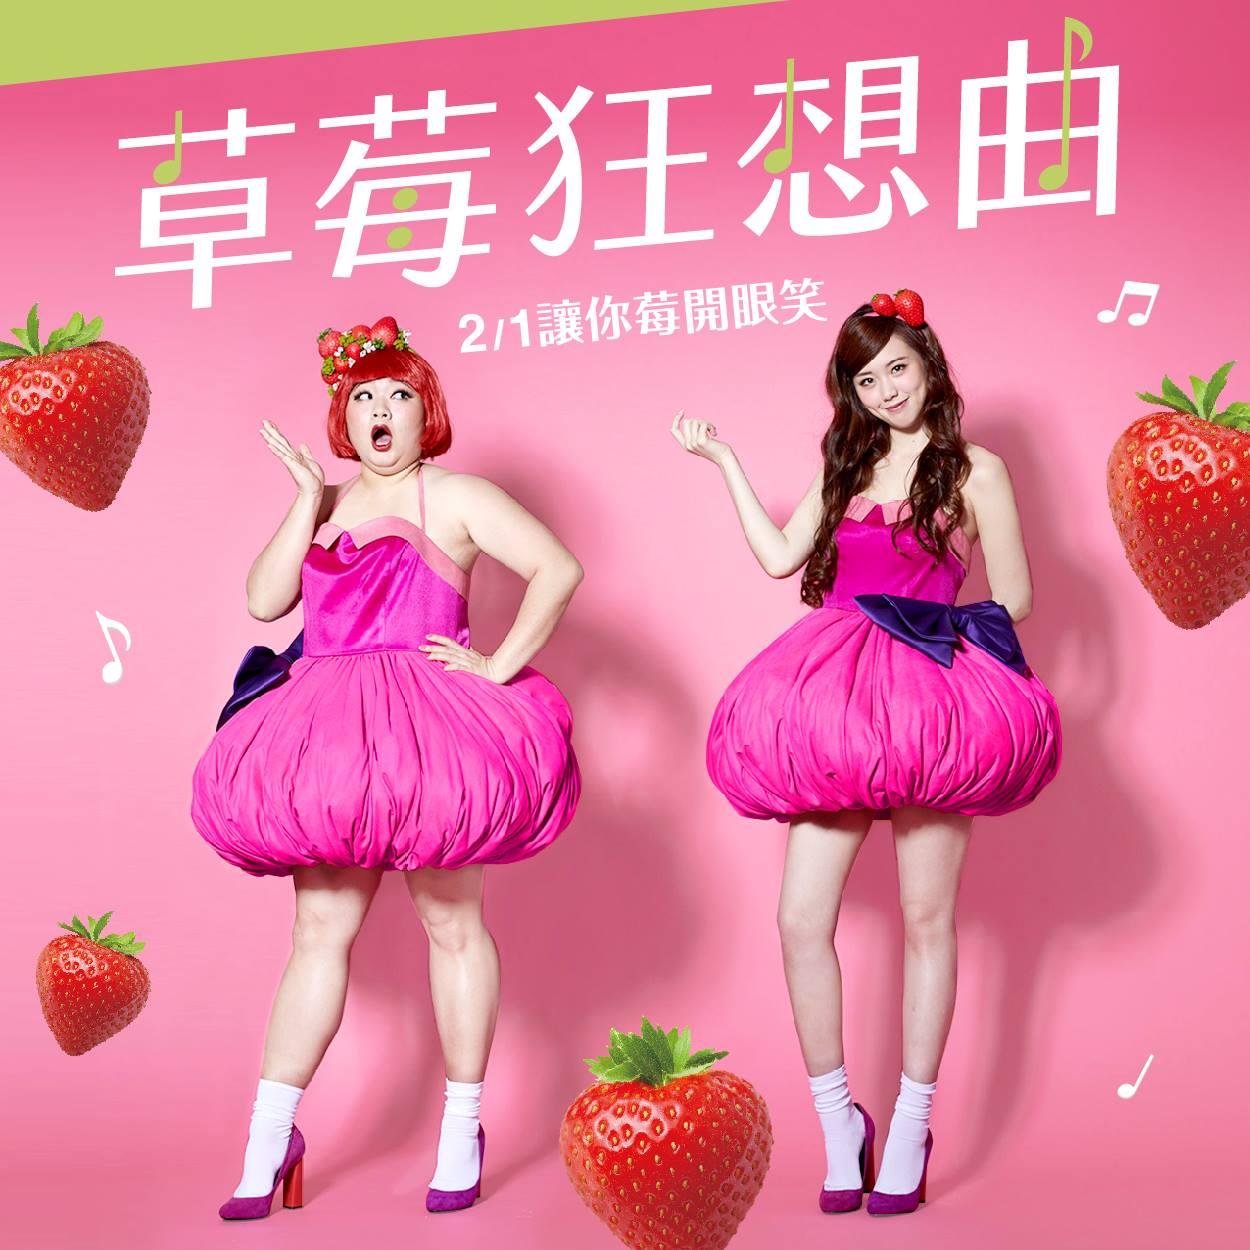 2017 7-11 草莓季 草莓狂想曲